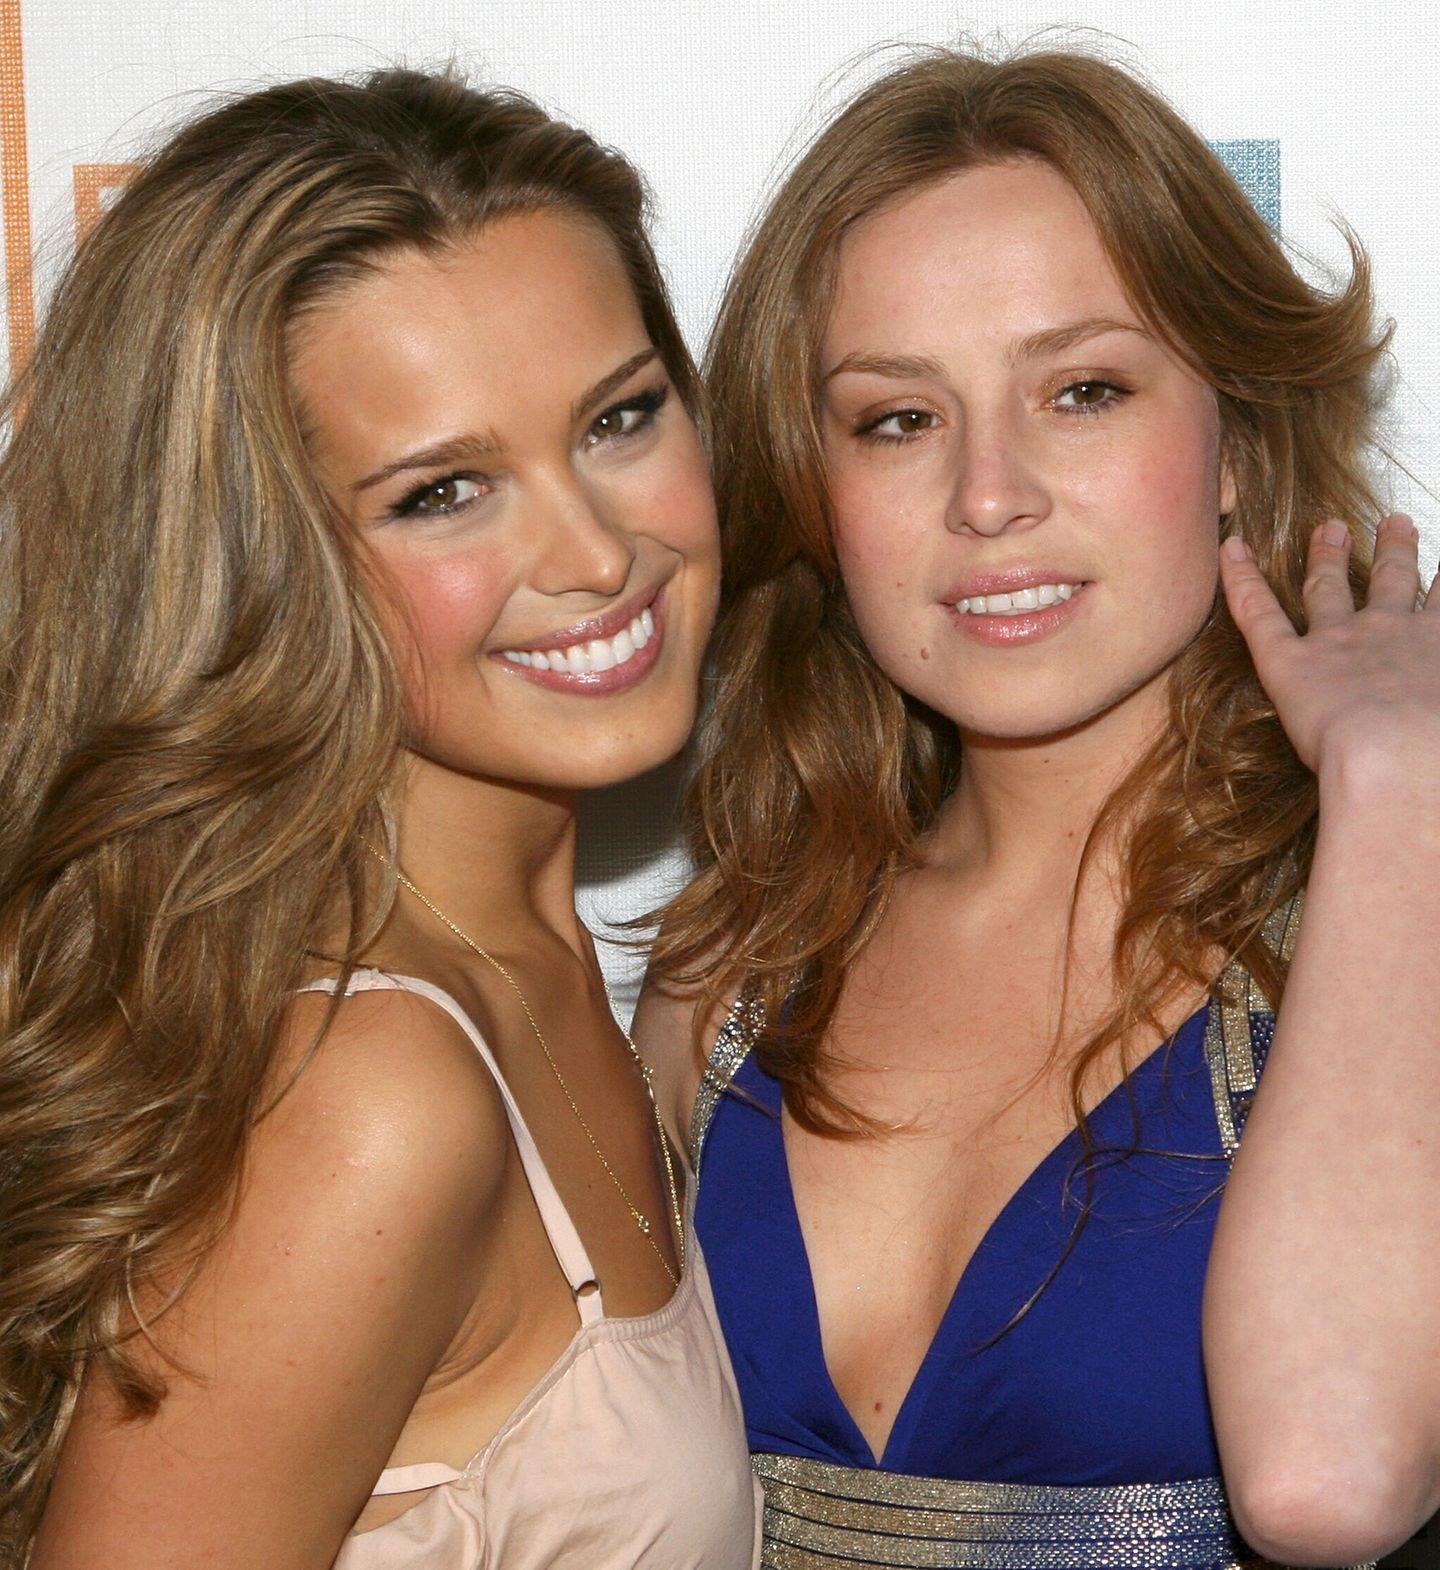 Petra und Olga Nemcova  Model Petra Nemcova genießt es sehr, ihre Schwester Olga mit auf Promi-Events zu nehmen. Wer kann diesen schönen Rehaugen im Doppelpack schon widerstehen?